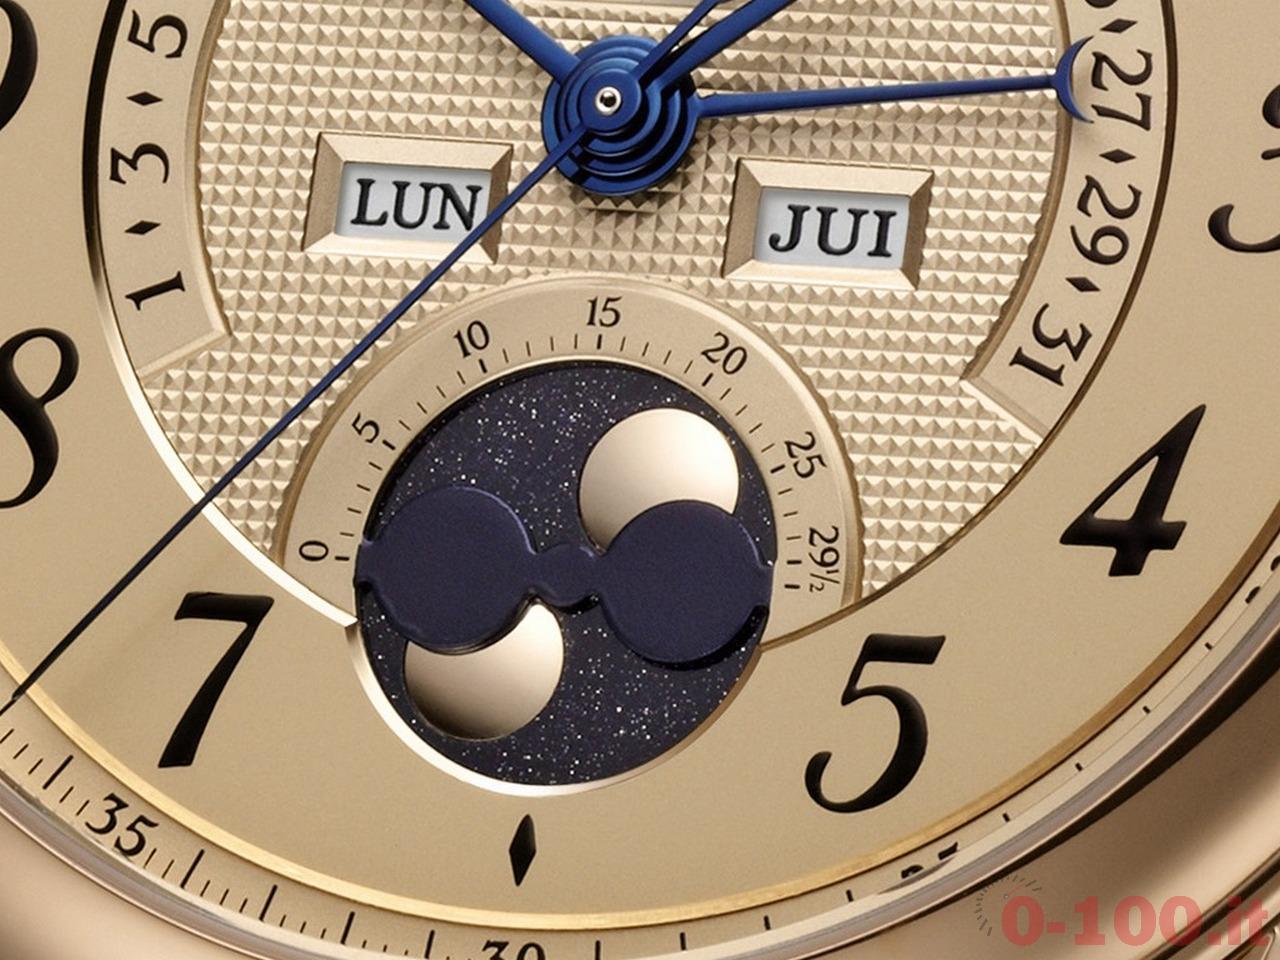 l-leroy-osmior-calendario-perpetuo-0-100_7